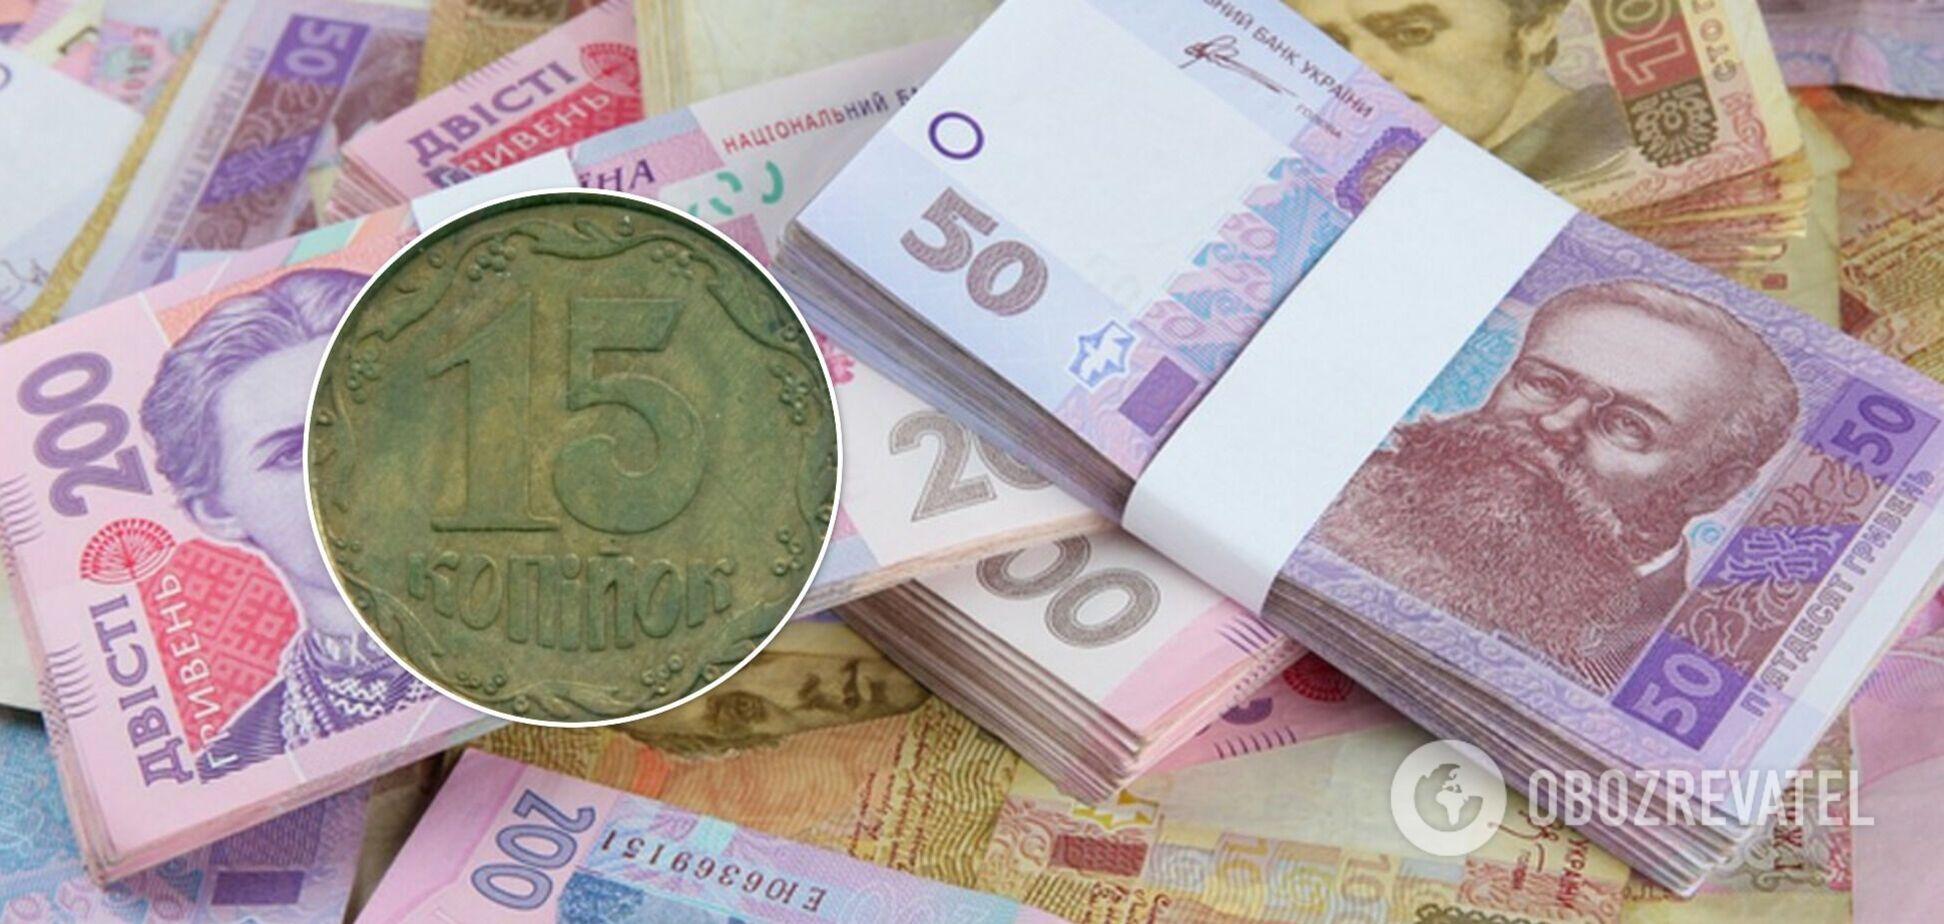 Скільки коштує особлива монета і як її розпізнати